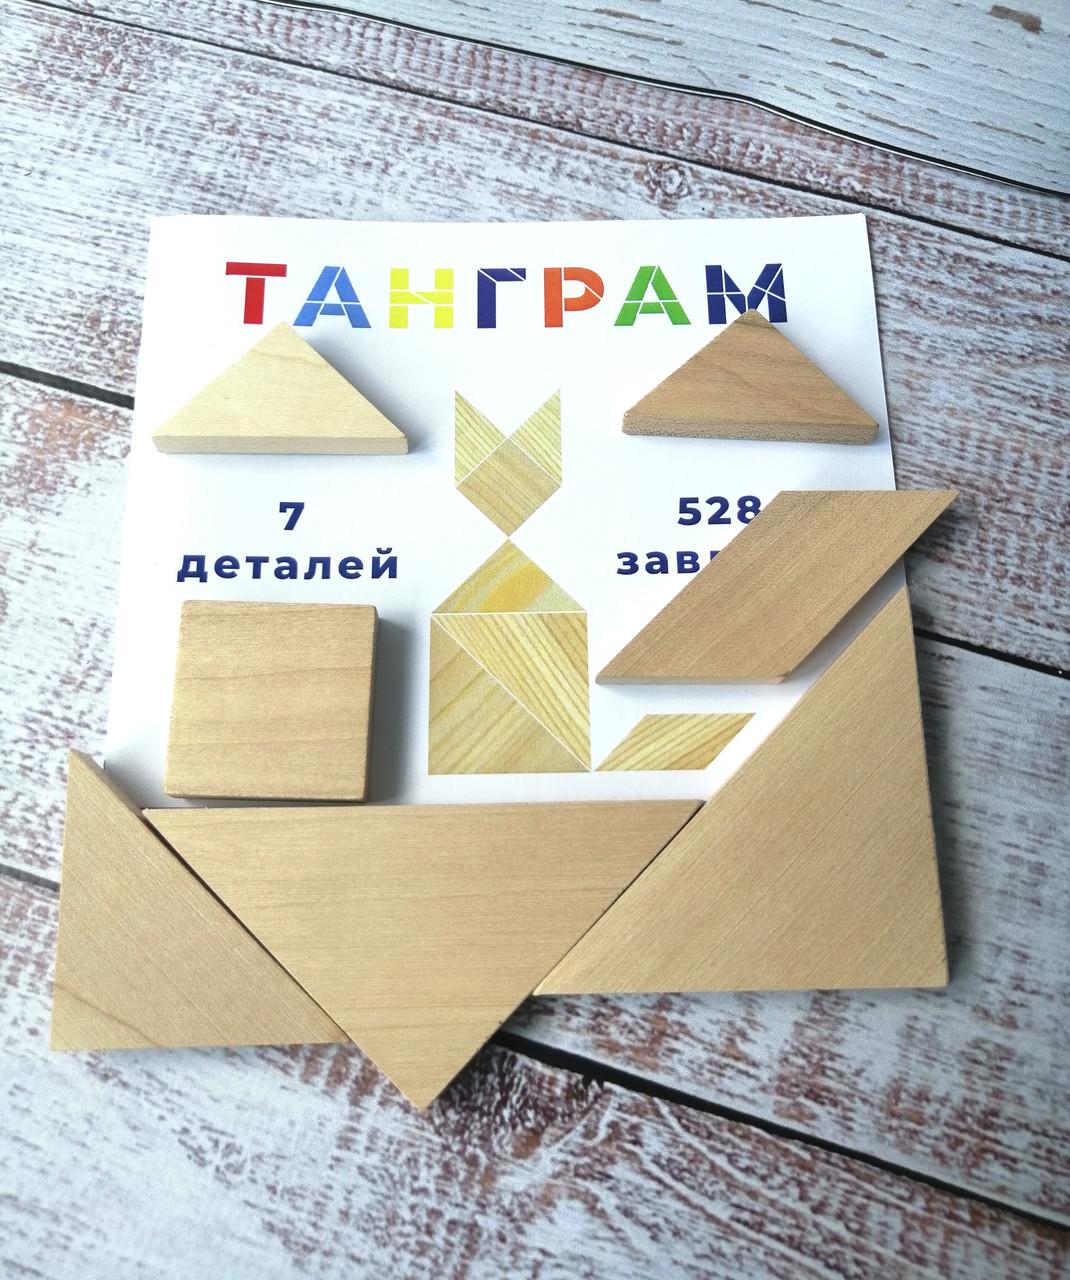 Танграм | Головоломка из дерева | BR Games